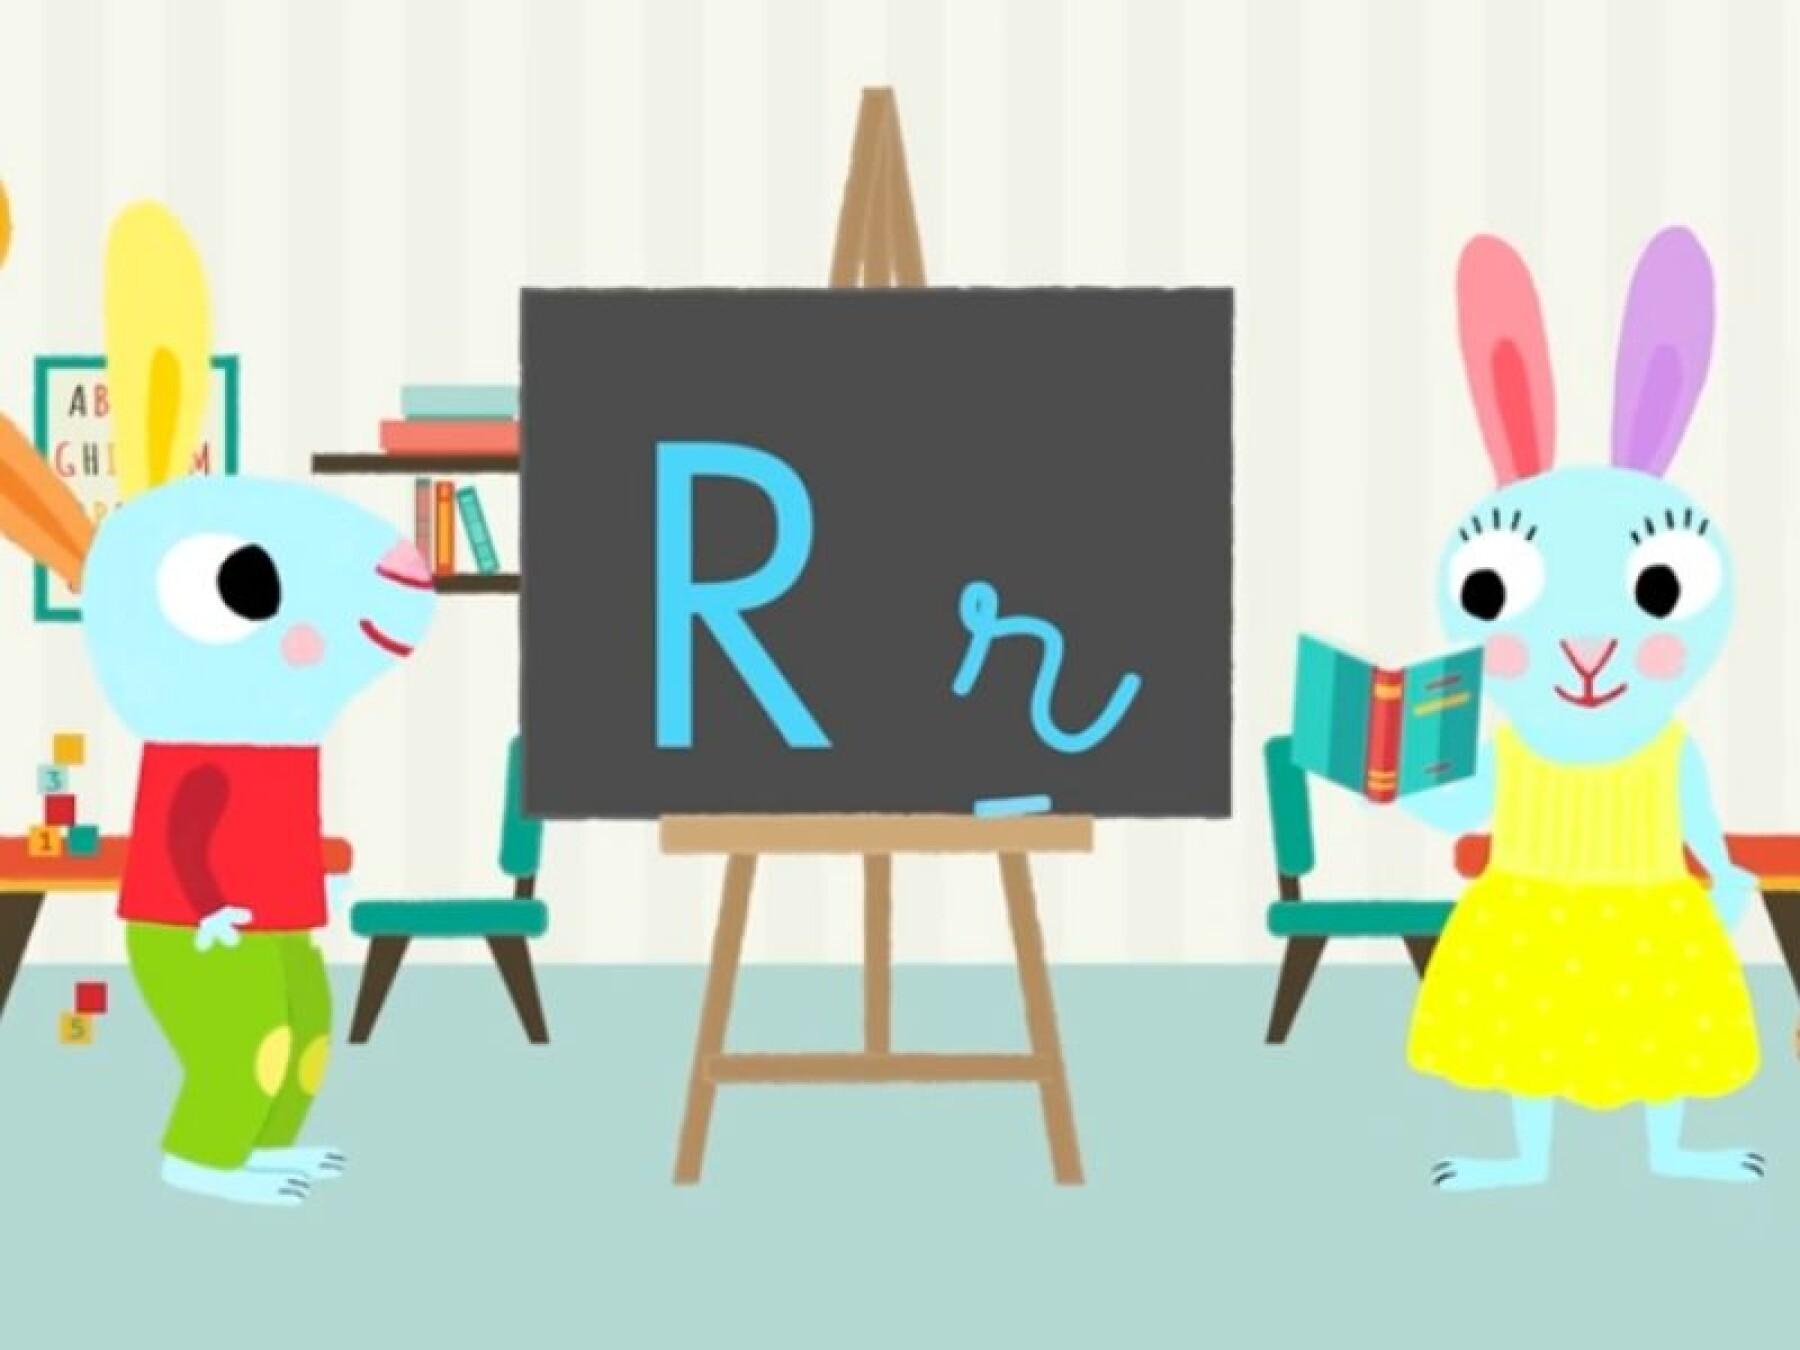 Apprendre à tracer les lettres